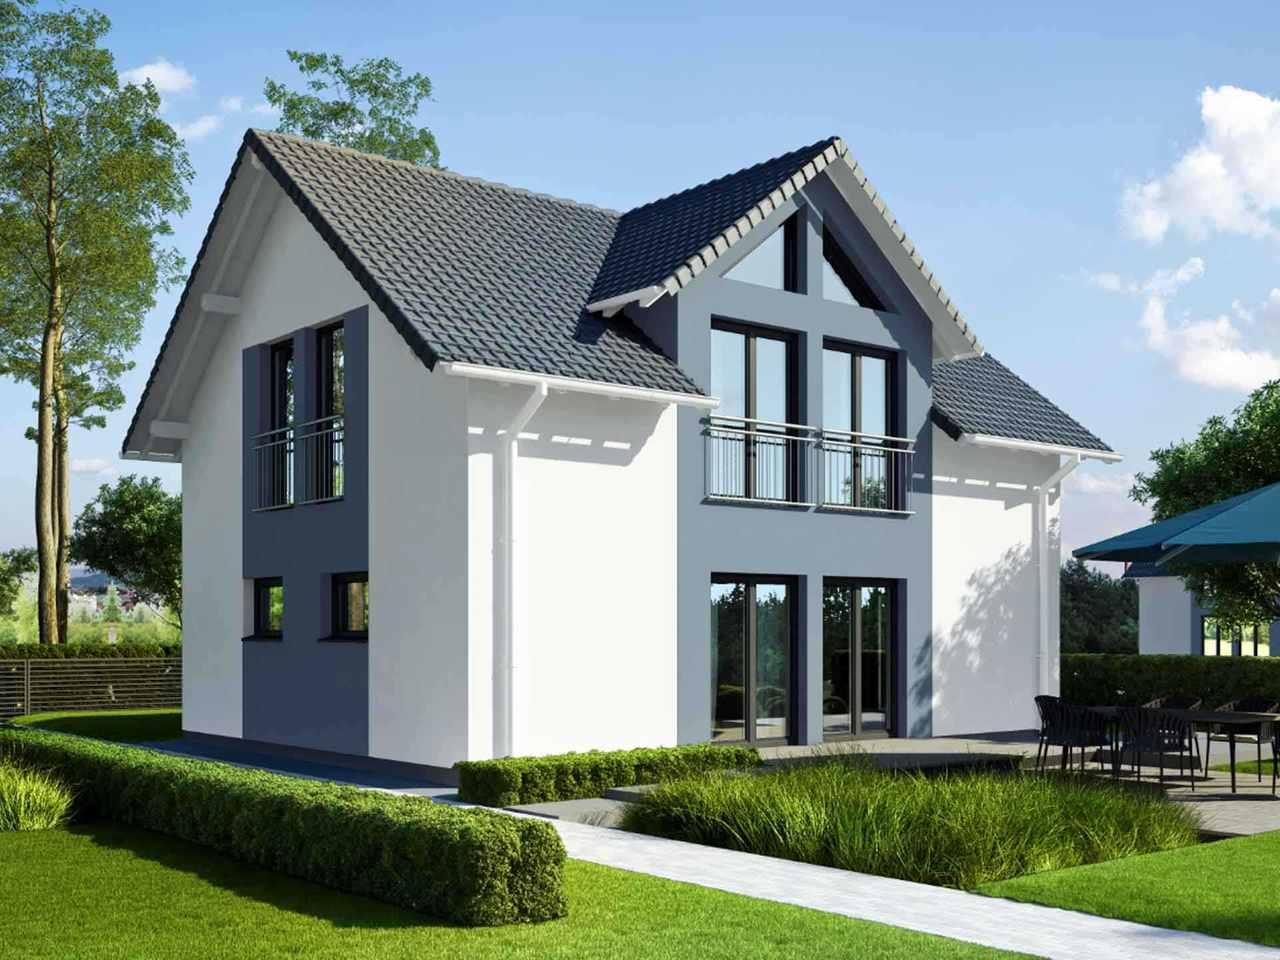 Einfamilienhaus Vielseitige 125.1 - ekodom Hausbau